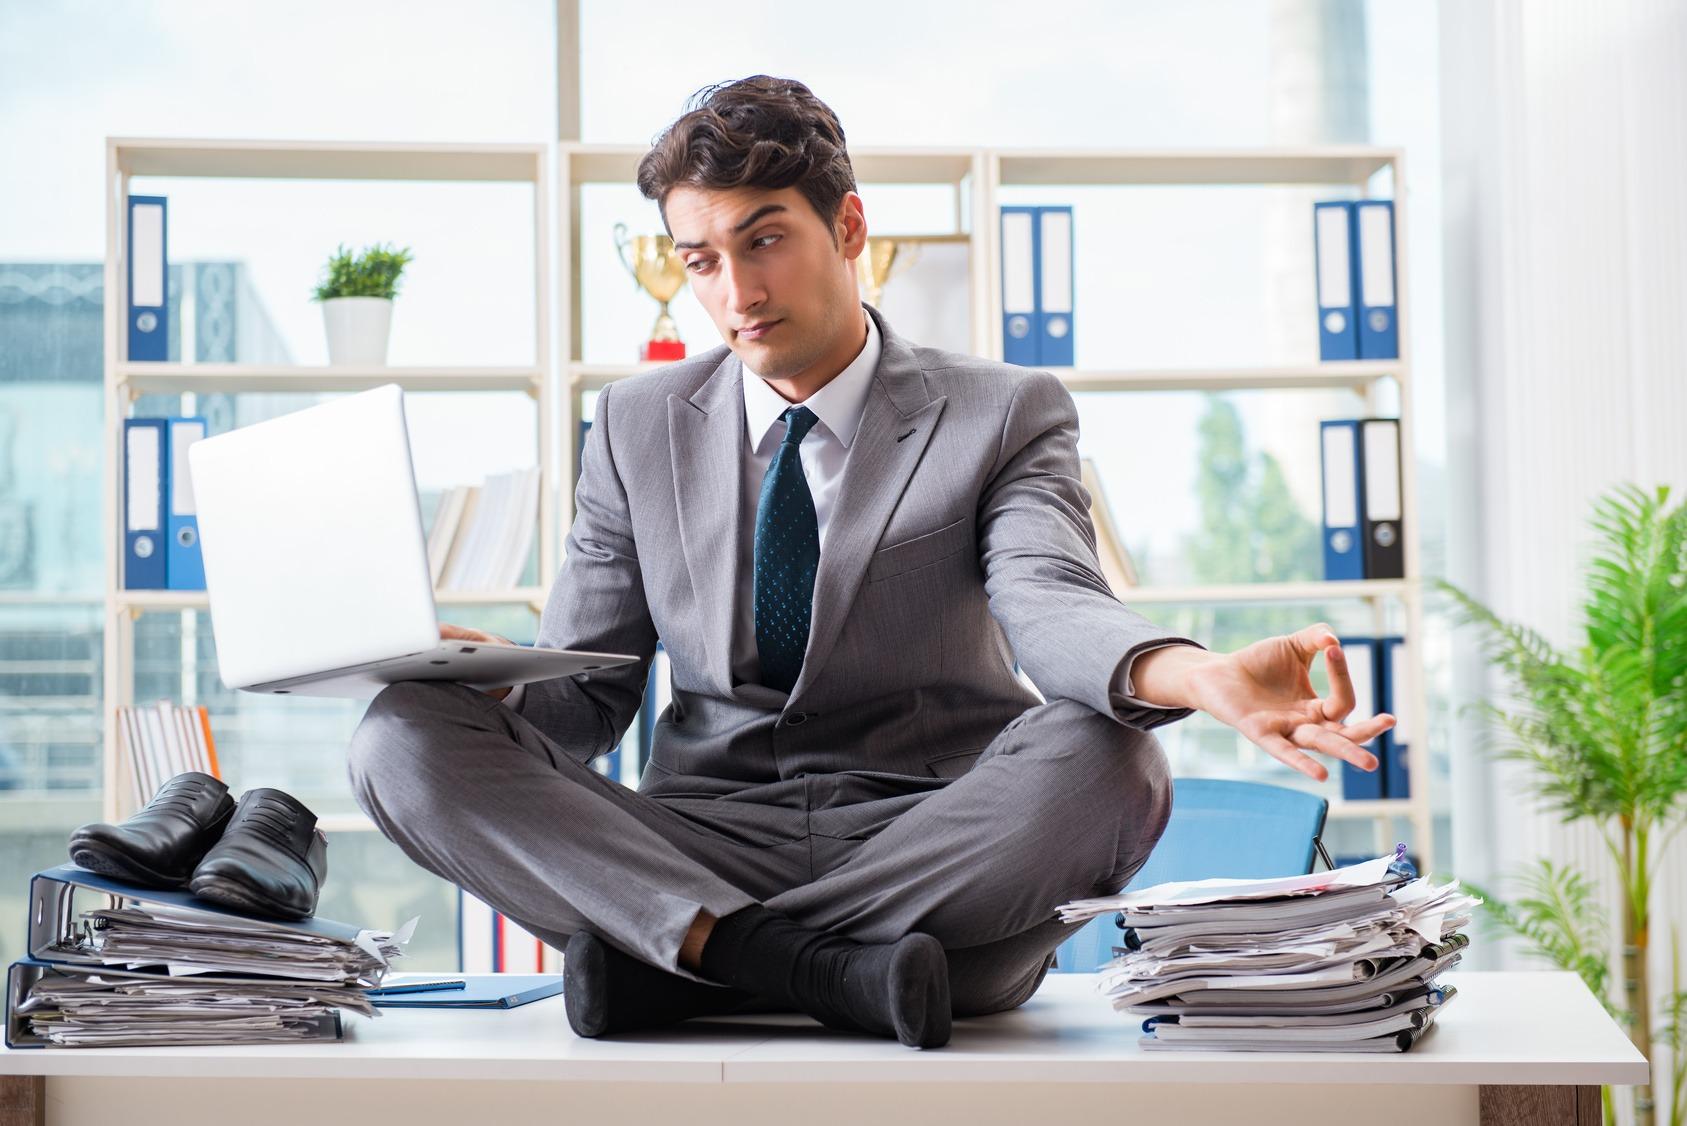 Geschäftsmann sitzt konzentriert im Schneidersitz auf seinem Schreibtisch.